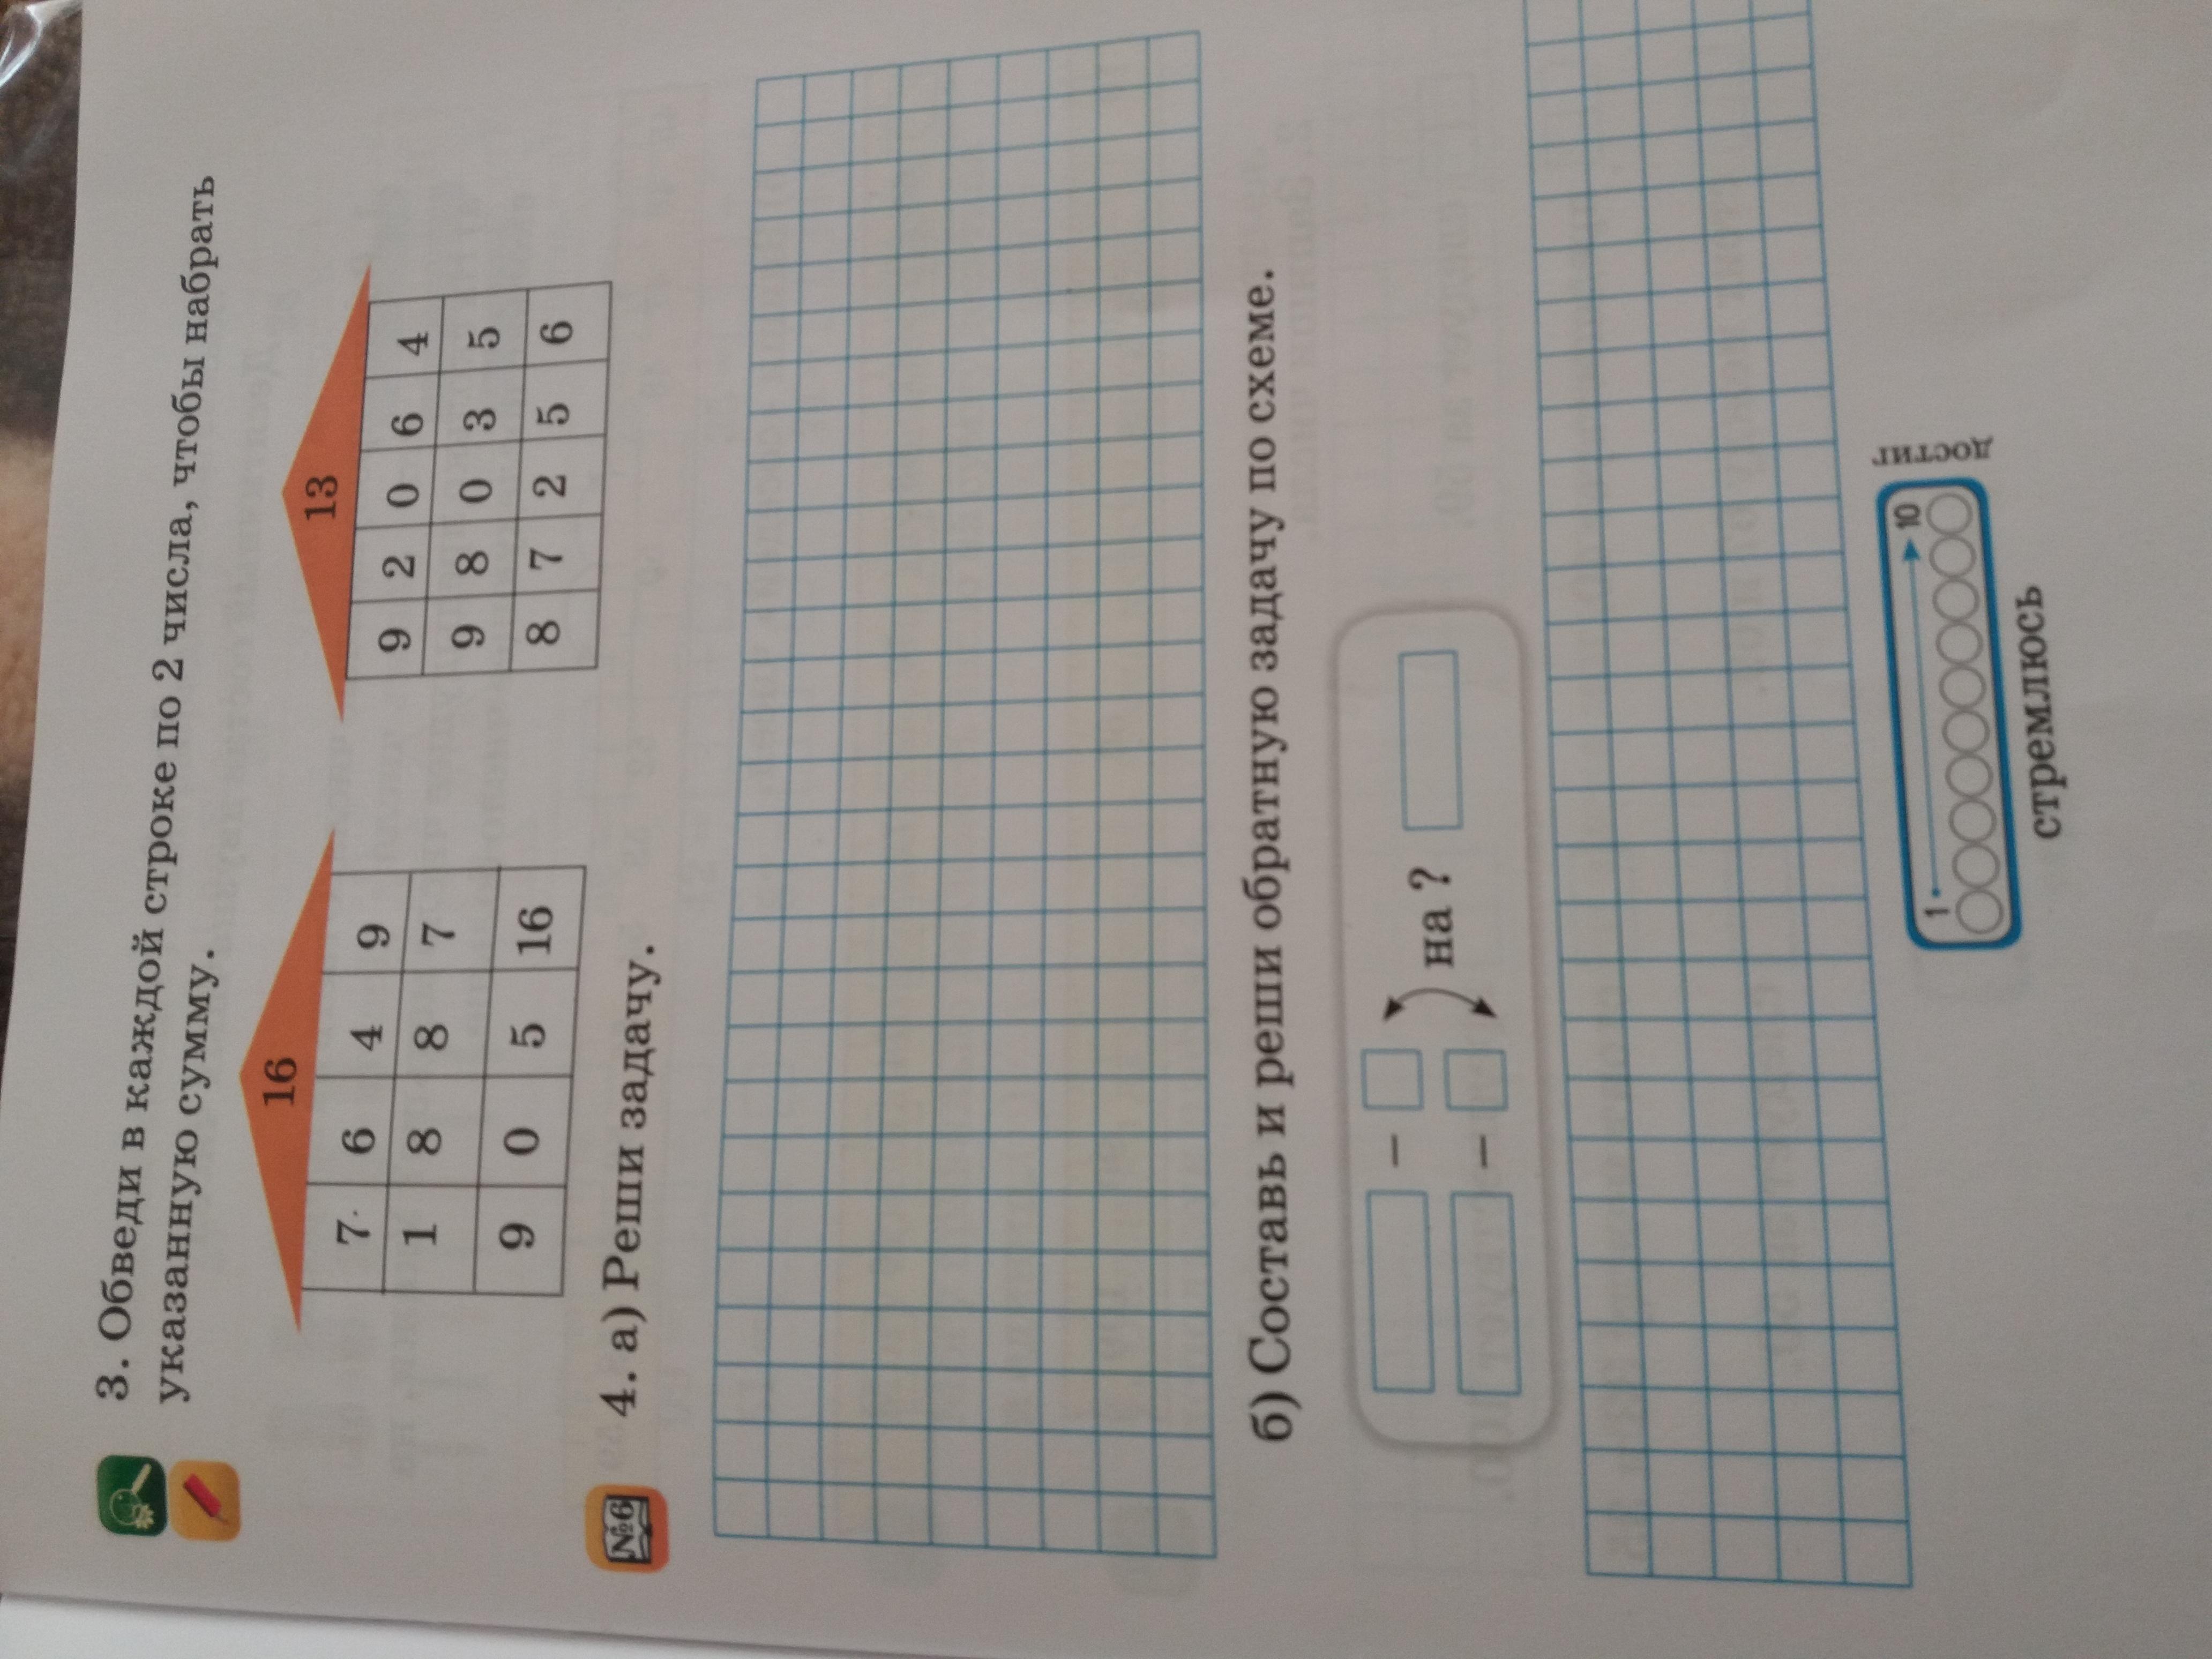 Реши задачу по схеме 4 класс ситуативные задачи для педагога и их решение